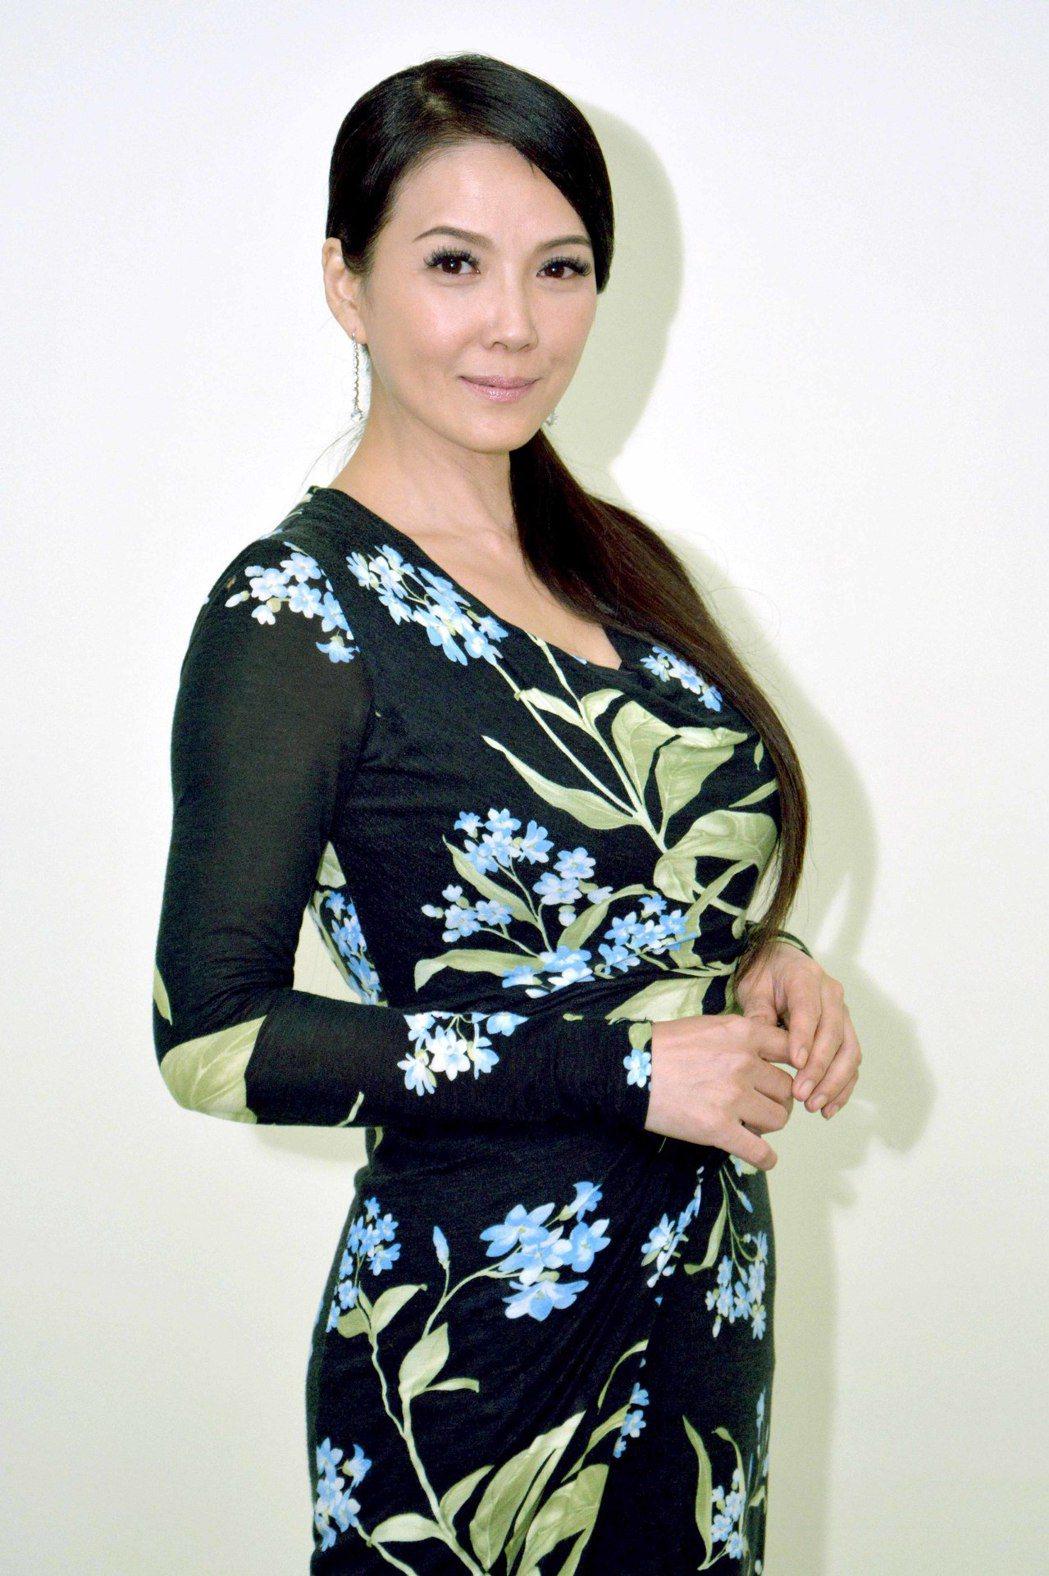 丁國琳加入8點檔「春風愛河邊」,演出黃玉榮的媽。圖/華視提供